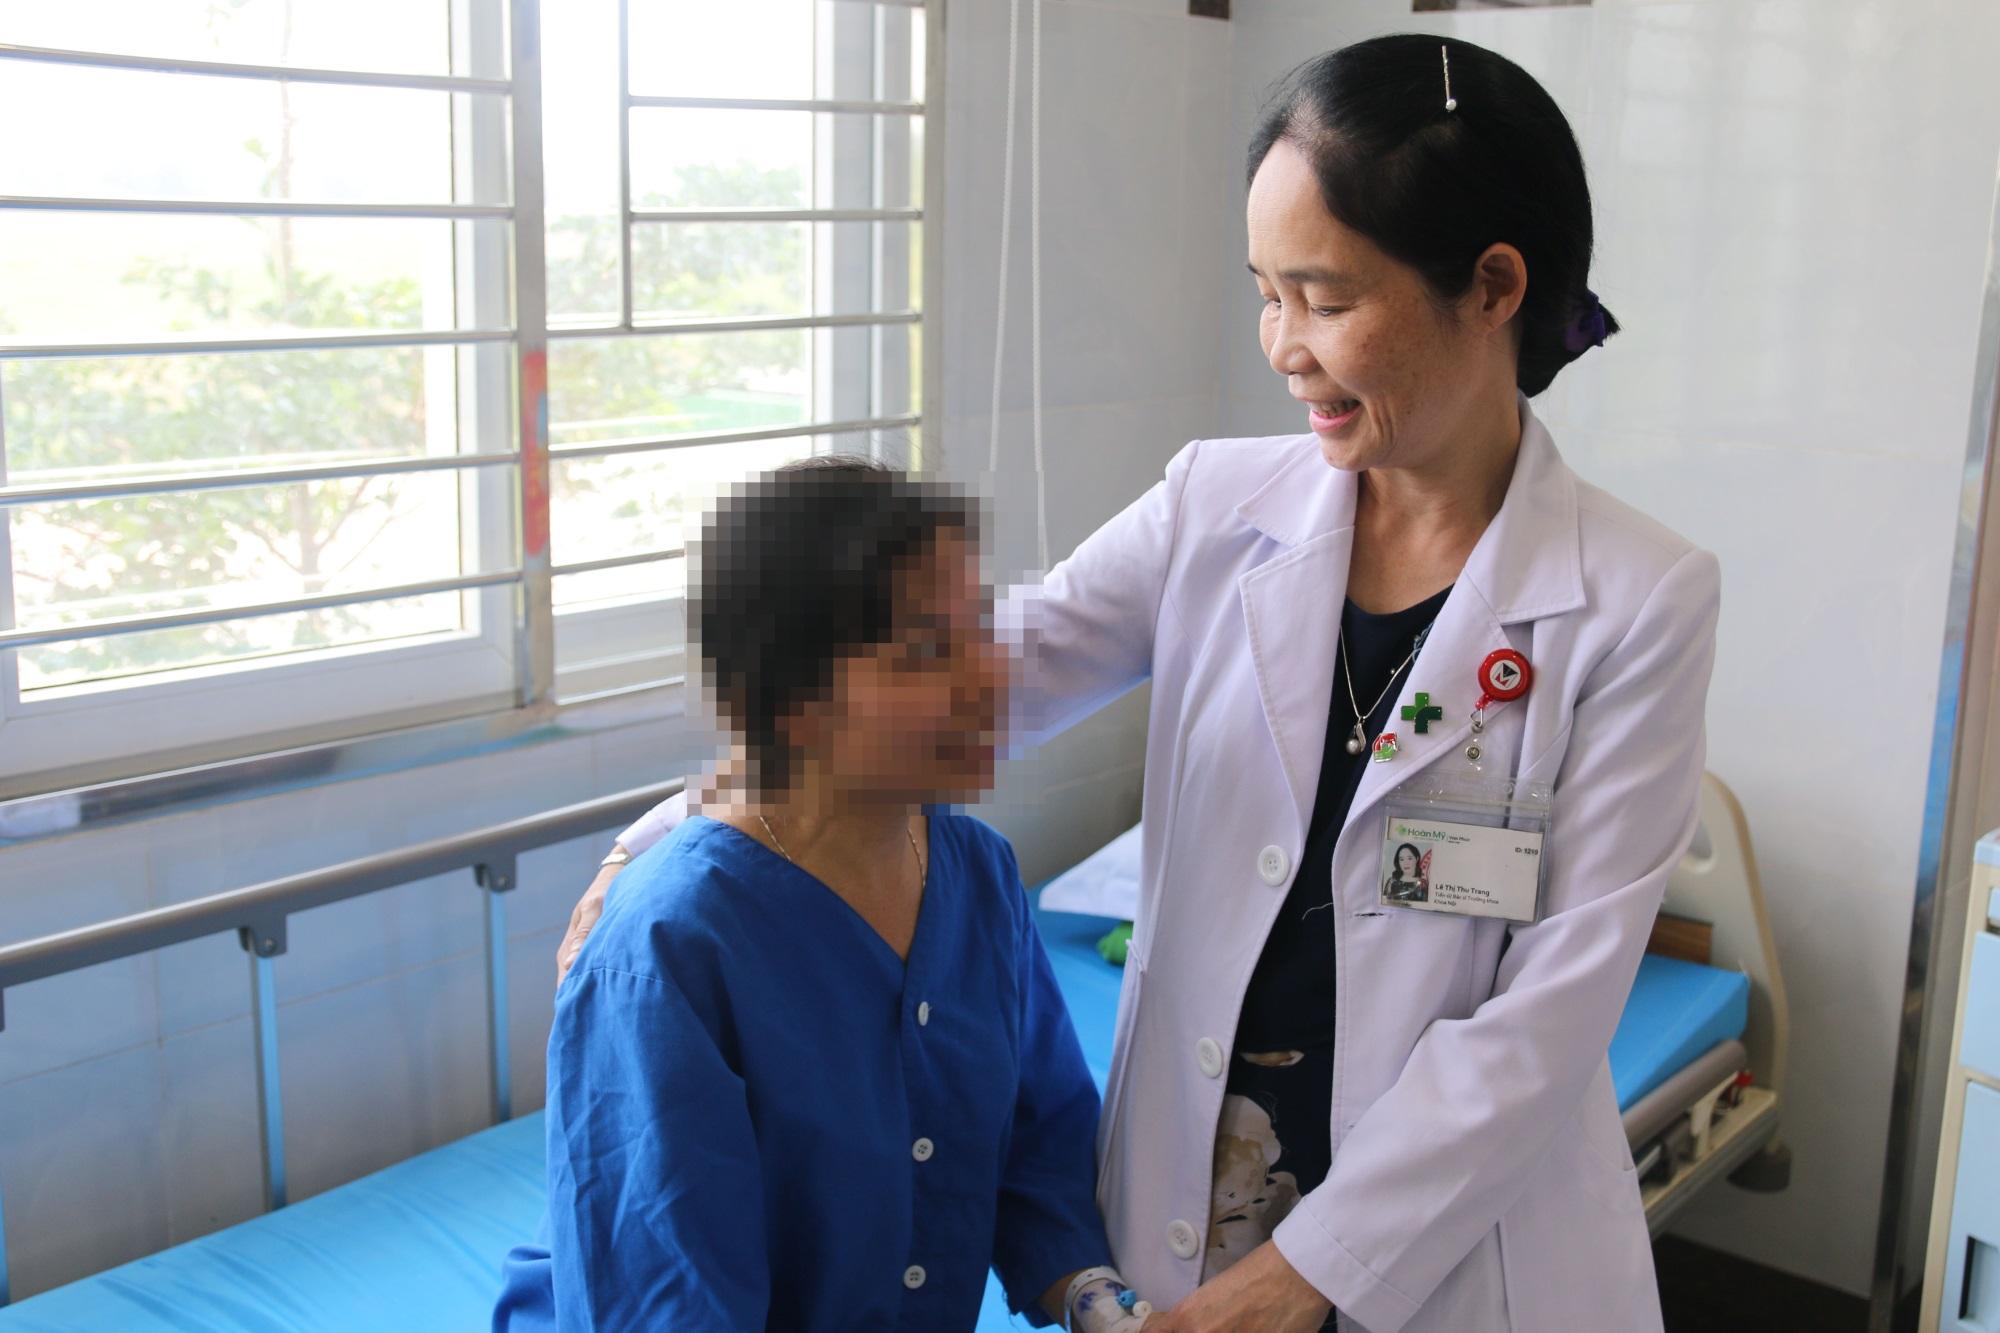 2 con giun đũa 20cm sống trong tá tràng nữ bệnh nhân vì thói quen ăn uống thường gặp của nhiều người Việt - Ảnh 2